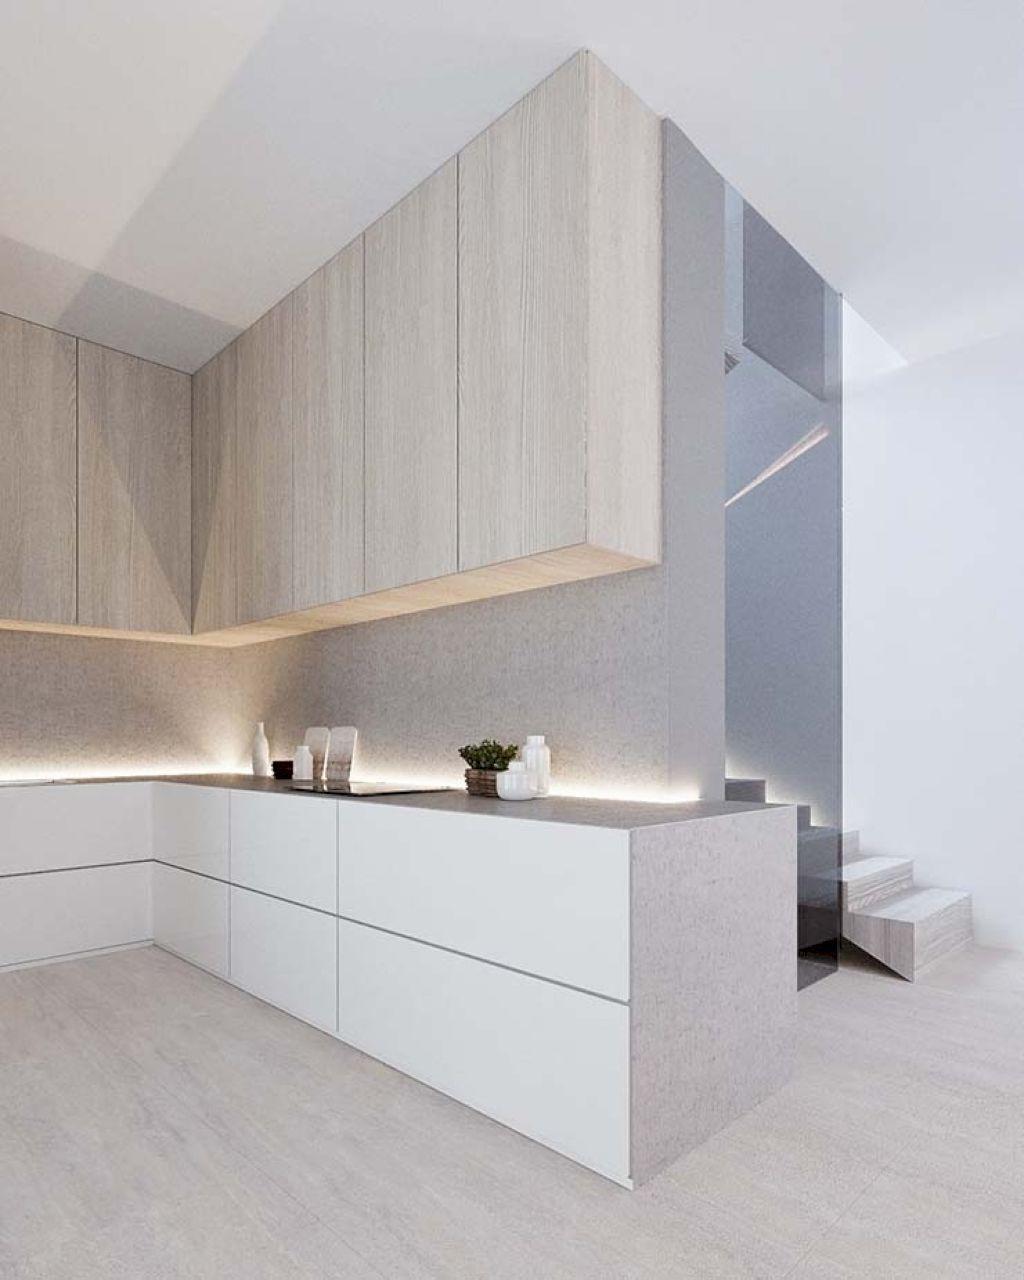 Attraktiv Gorgeous 35 Modern Minimalist Kitchen Remodel Ideas Https://homeylife.com/35